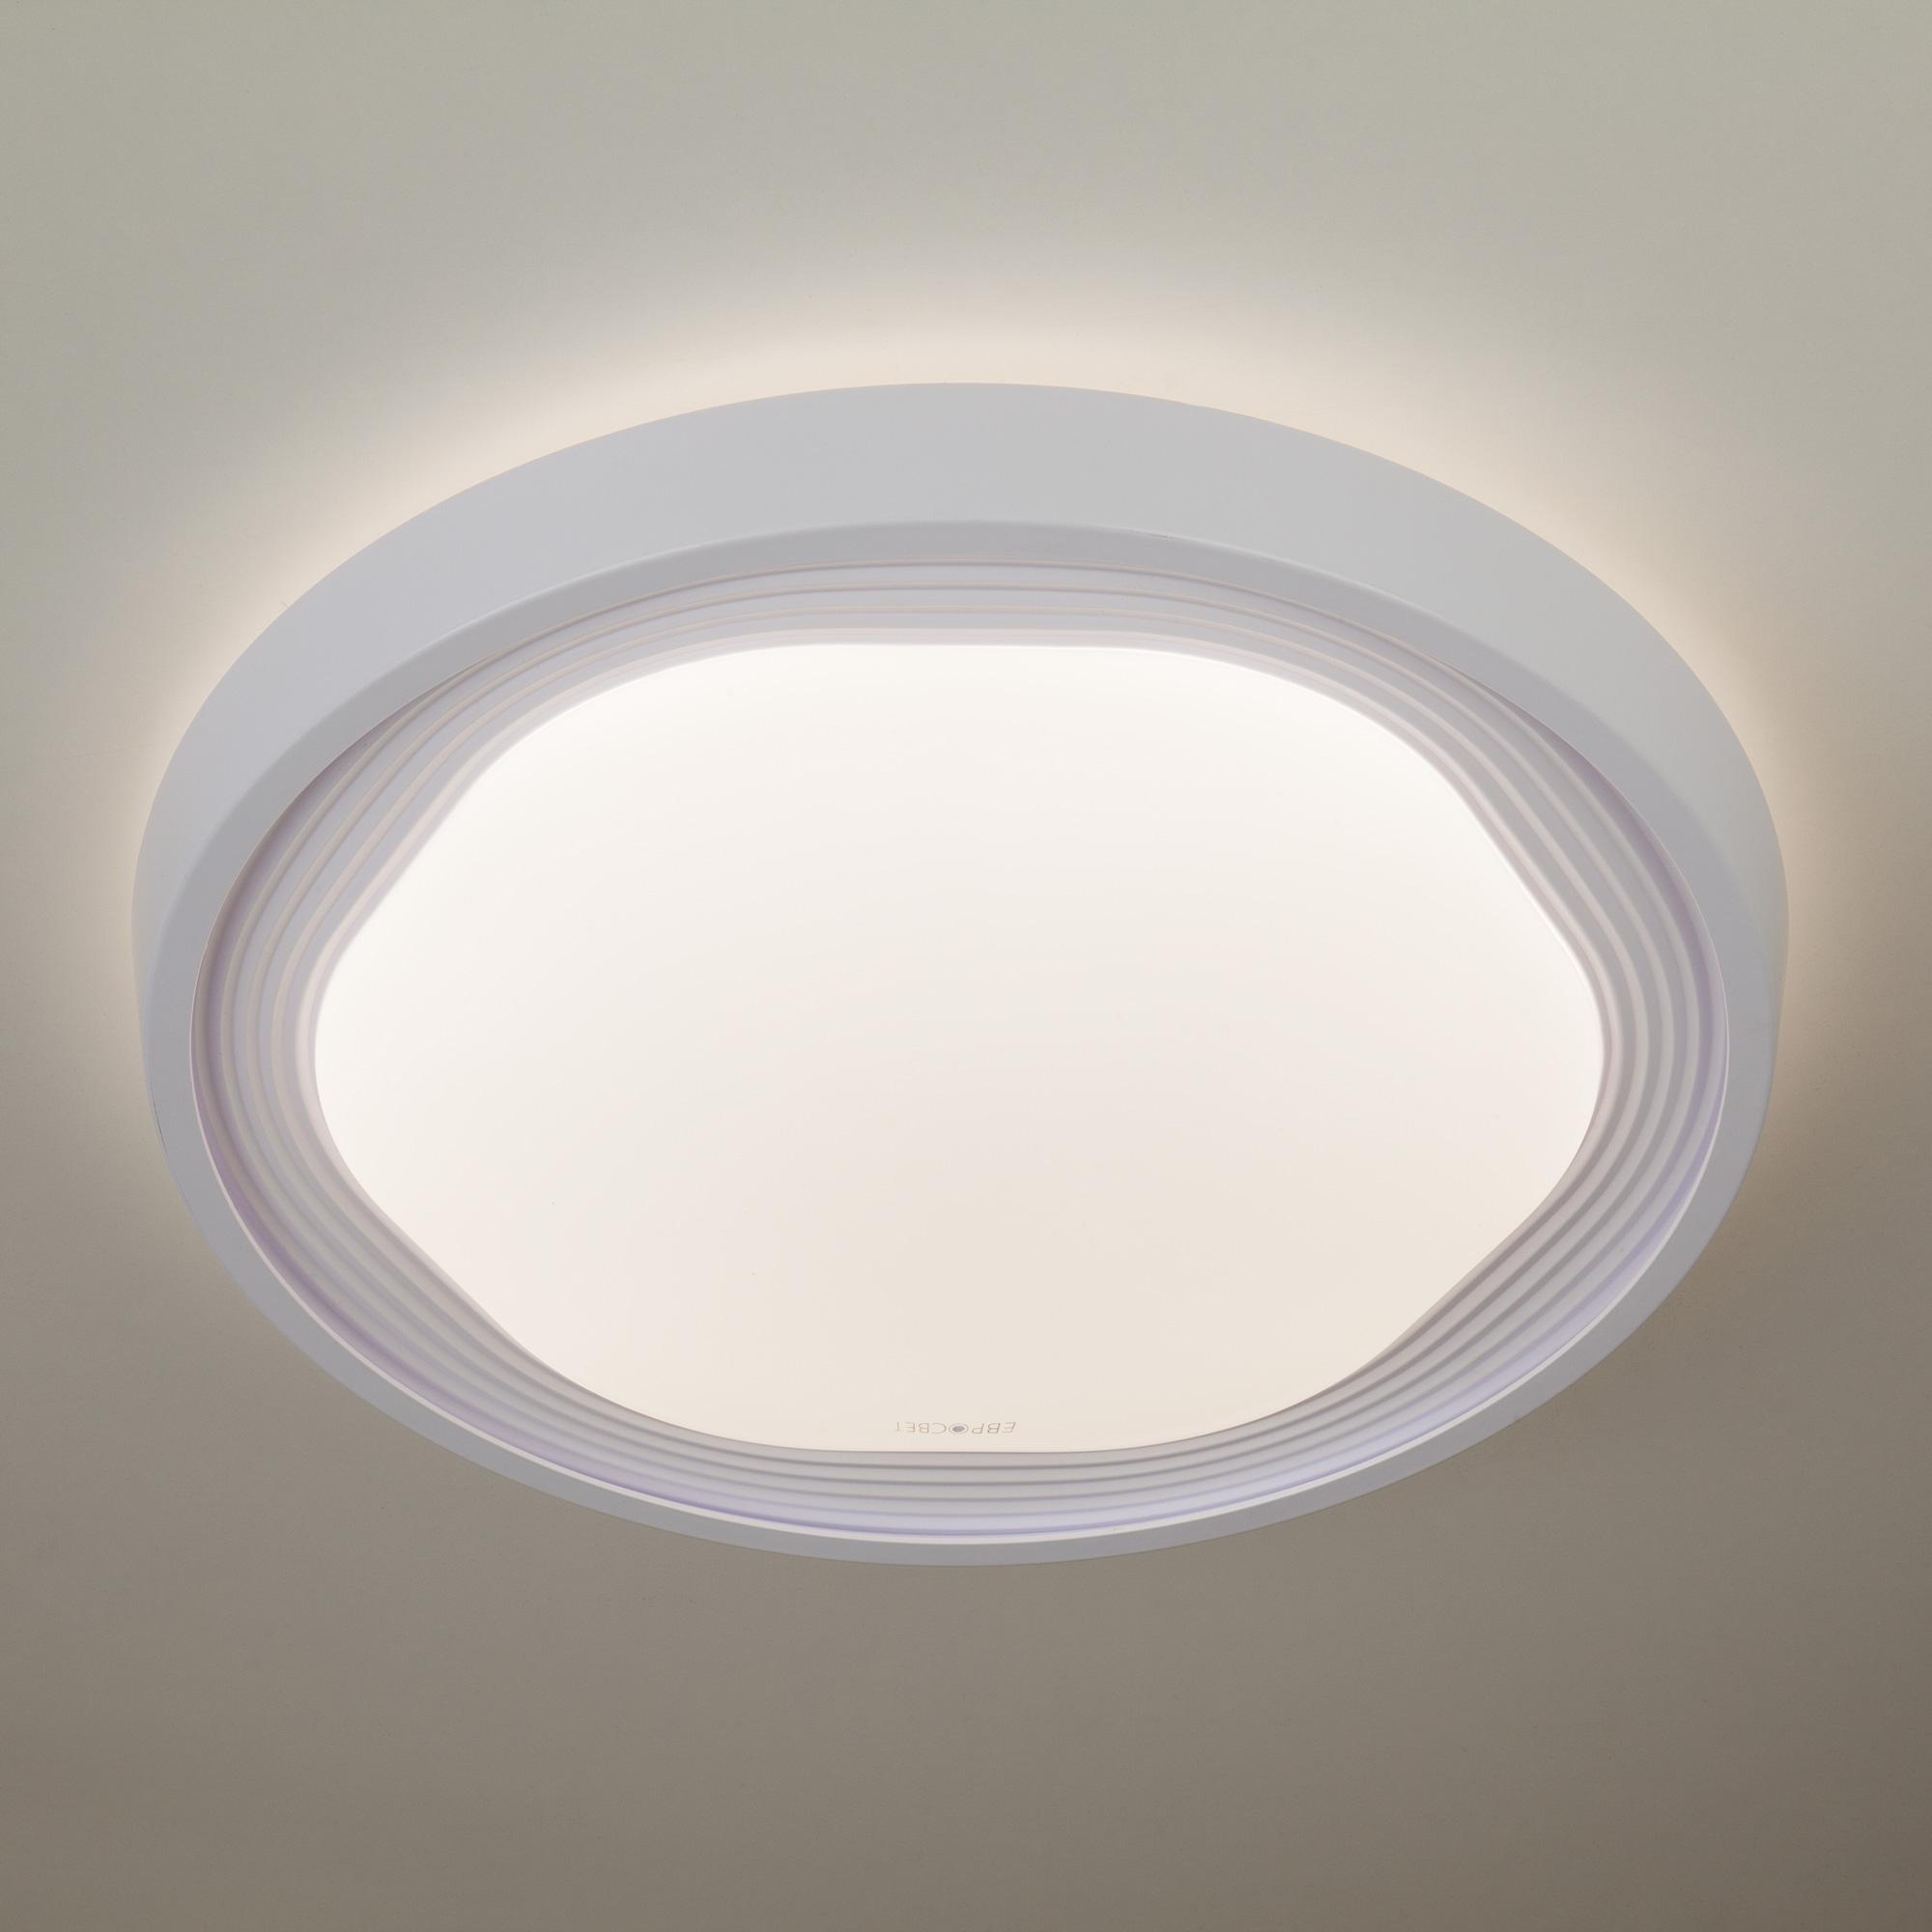 Потолочный светодиодный светильник Eurosvet Range 40005/1 LED белый